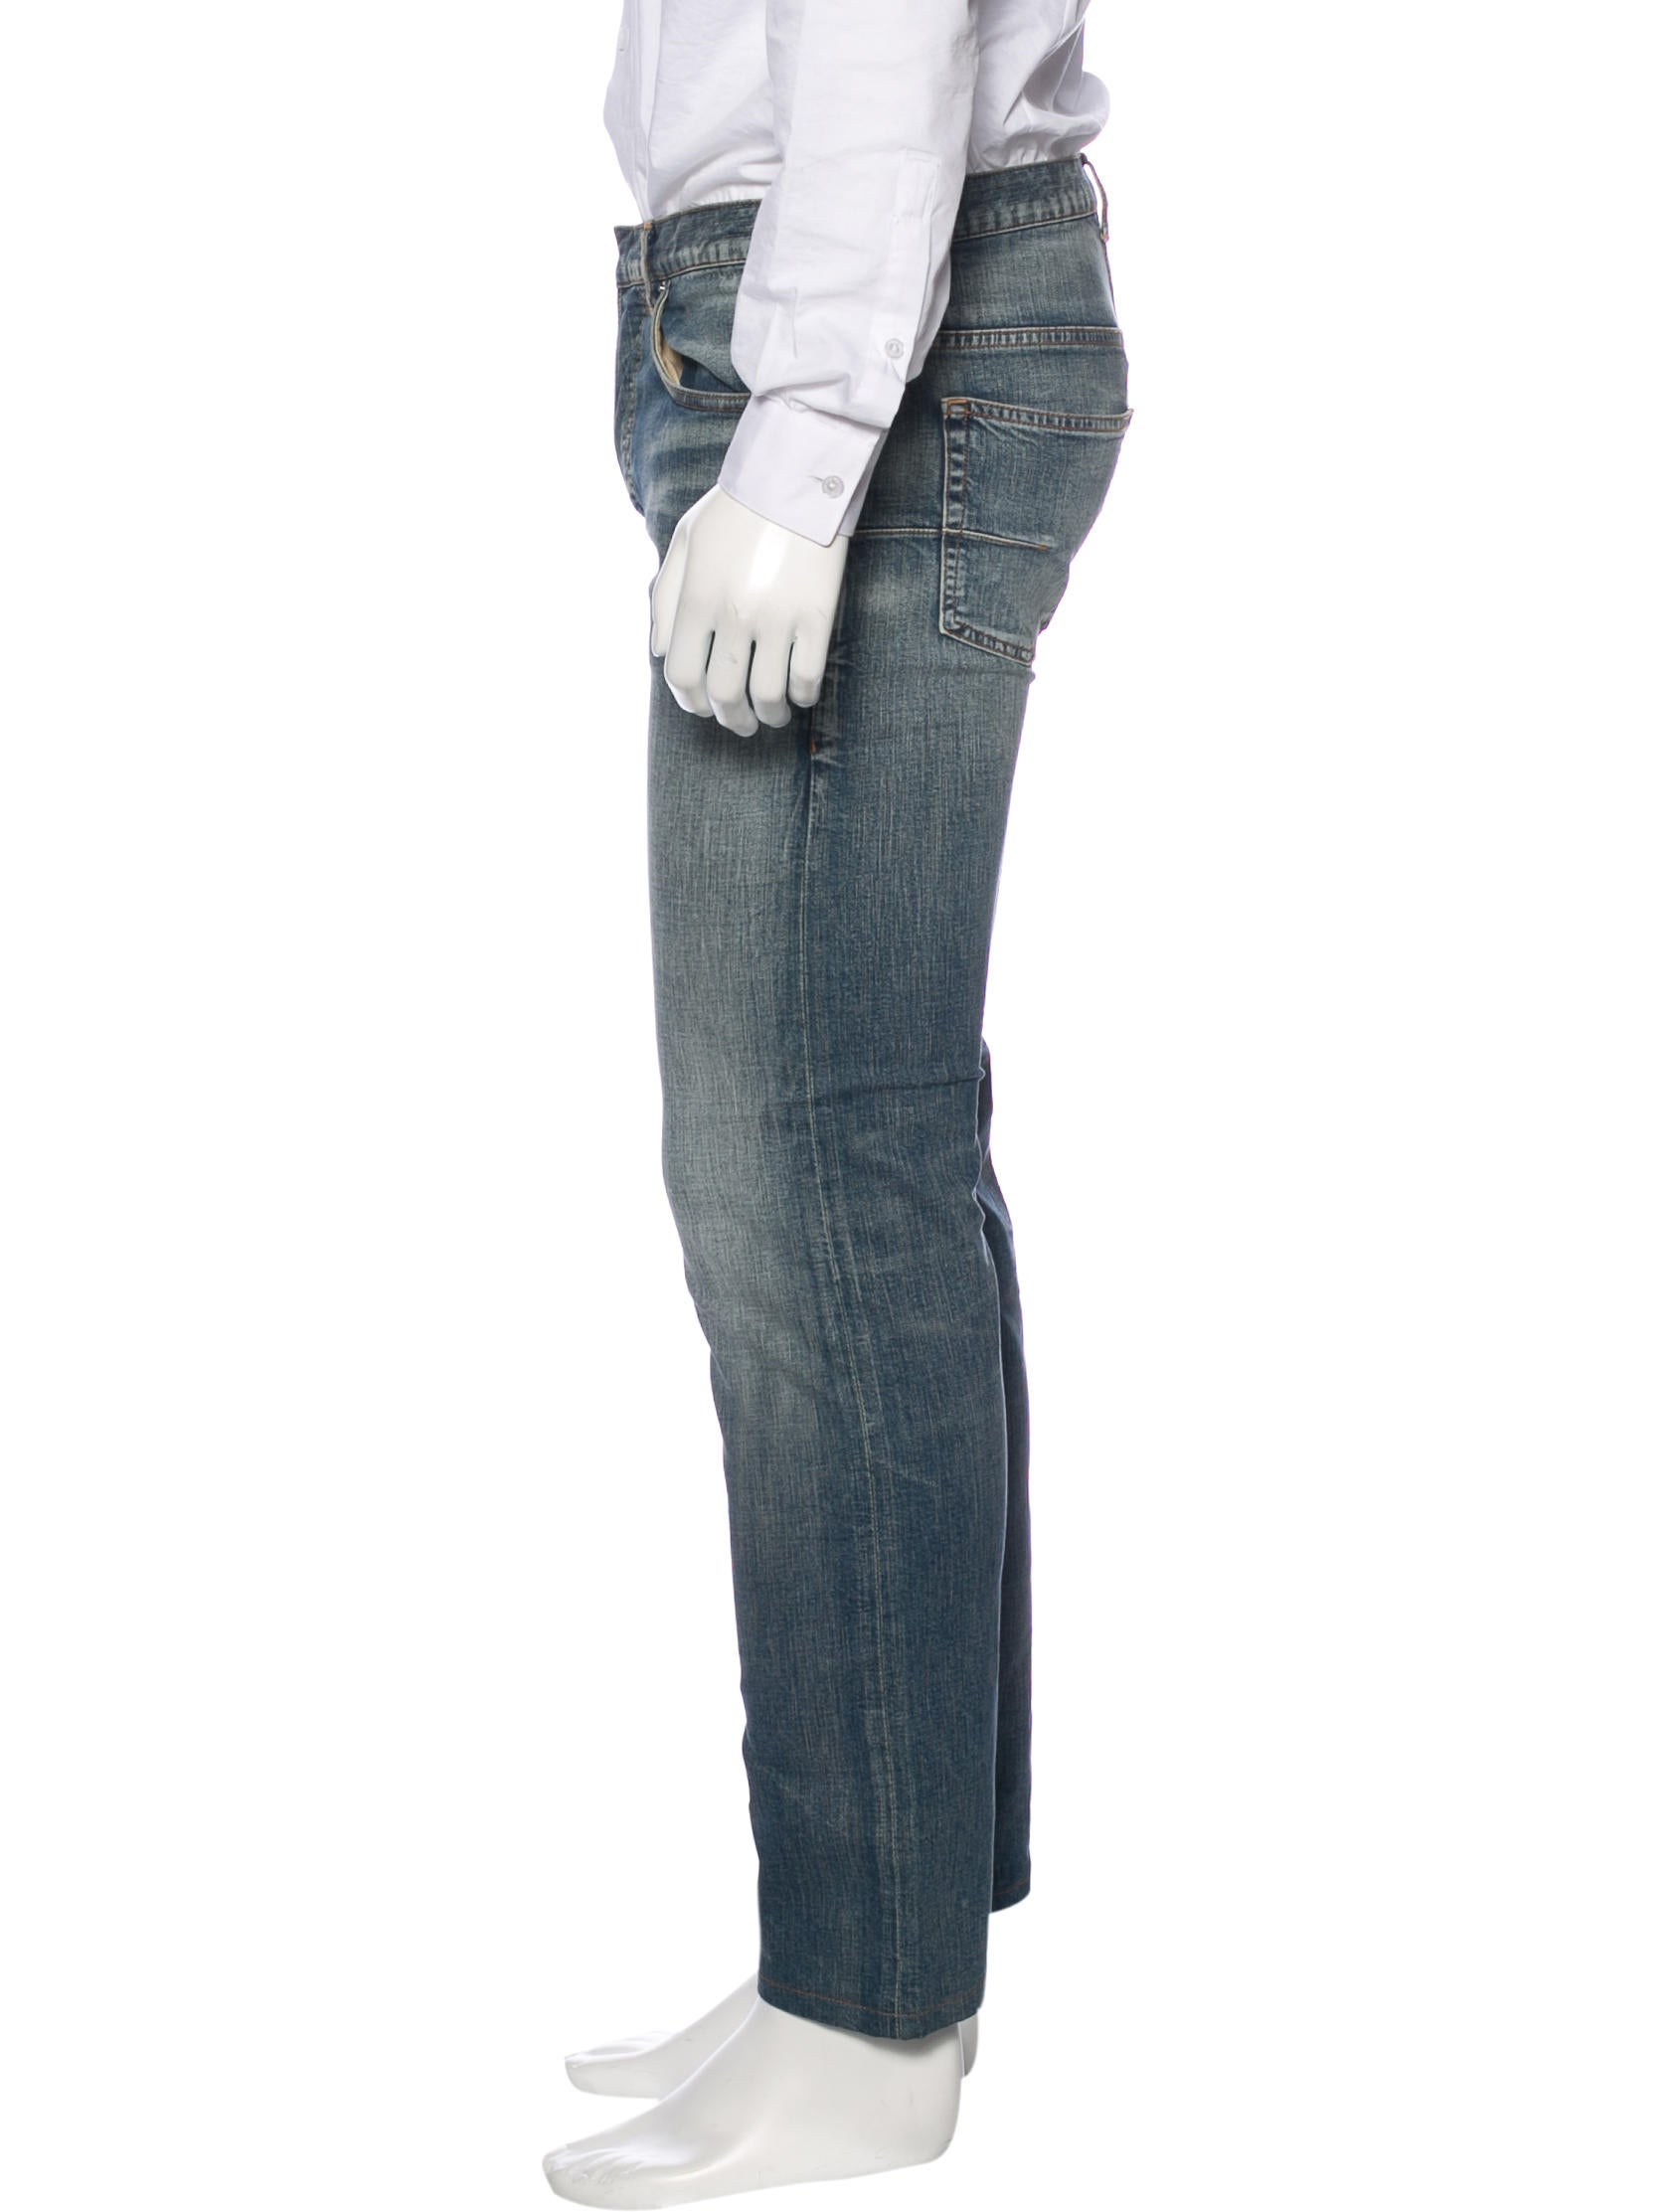 dior homme five pocket slim jeans clothing hmm23001 the realreal. Black Bedroom Furniture Sets. Home Design Ideas